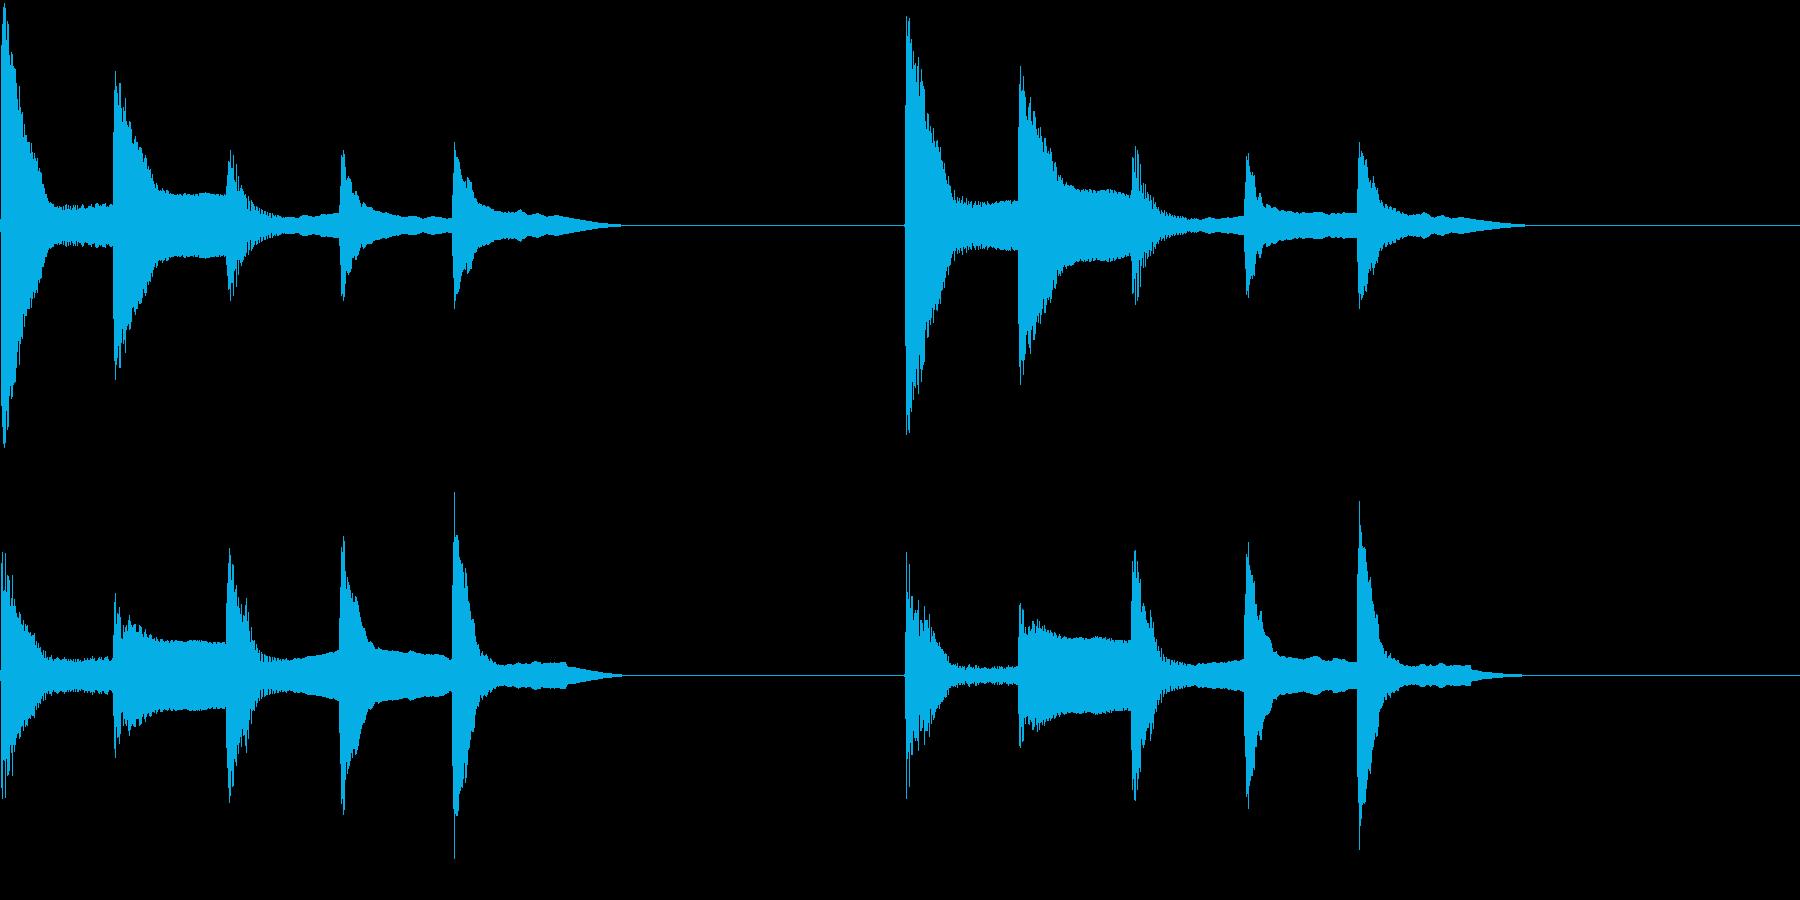 着信音 ループ お知らせ 通知 4の再生済みの波形